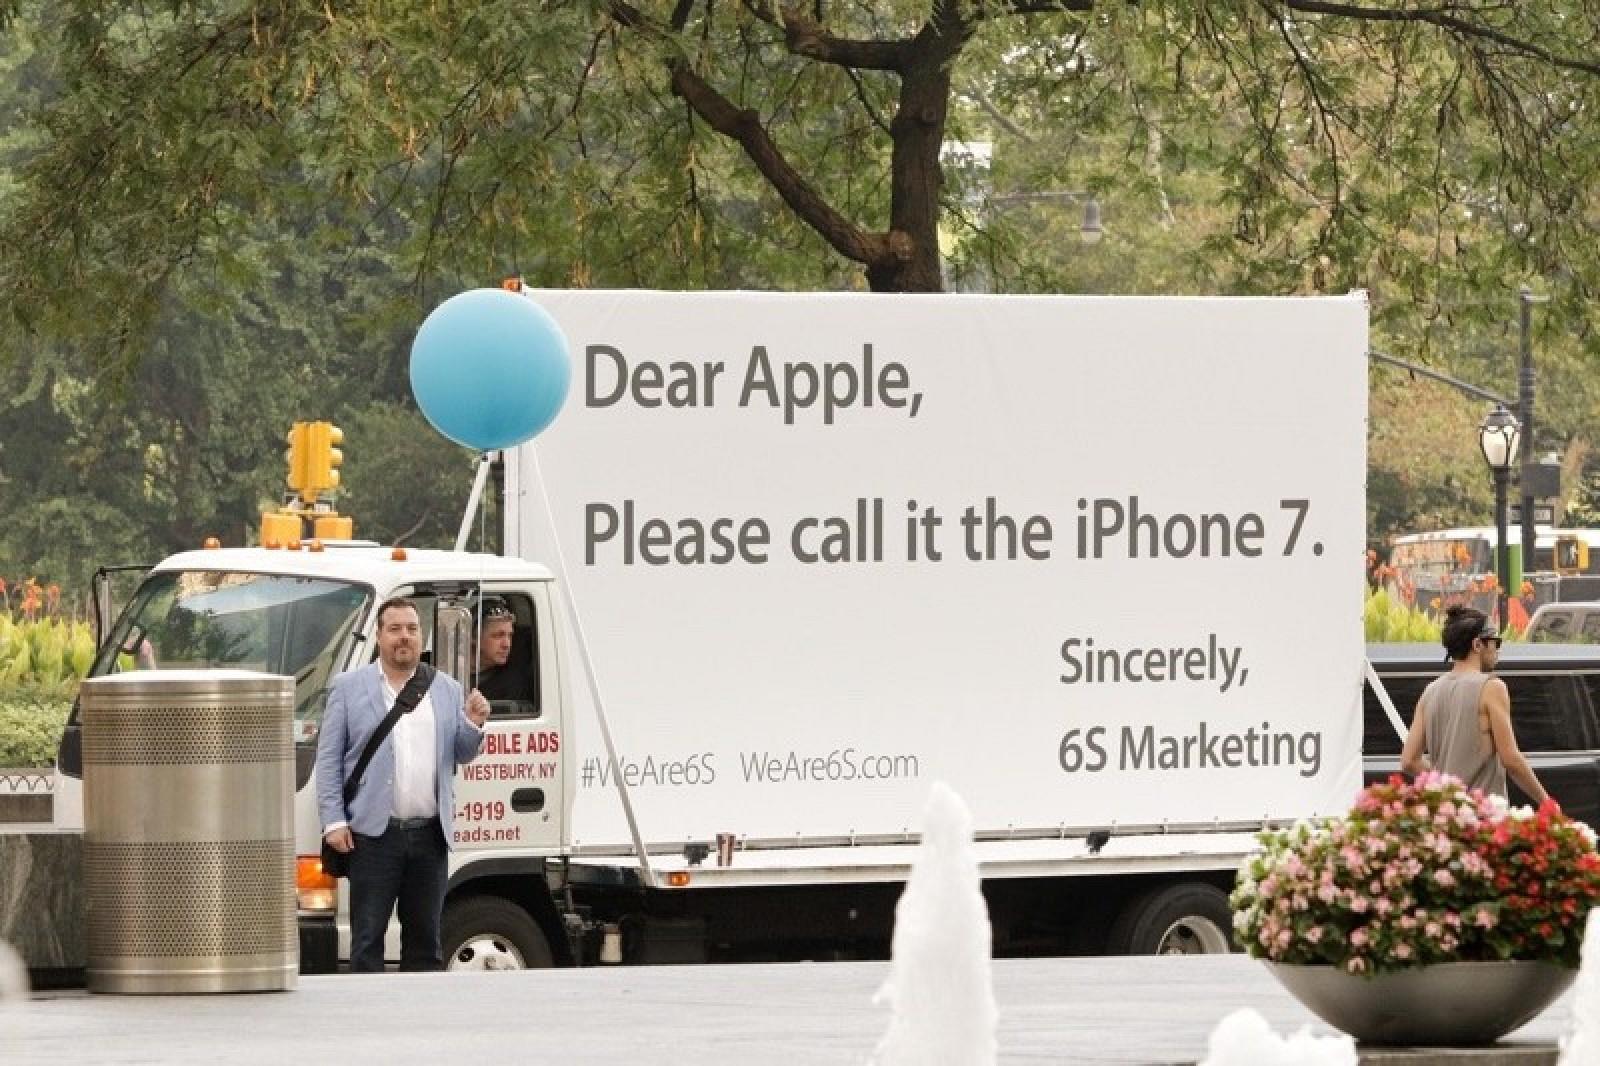 Llámalo iPhone 7 por favor